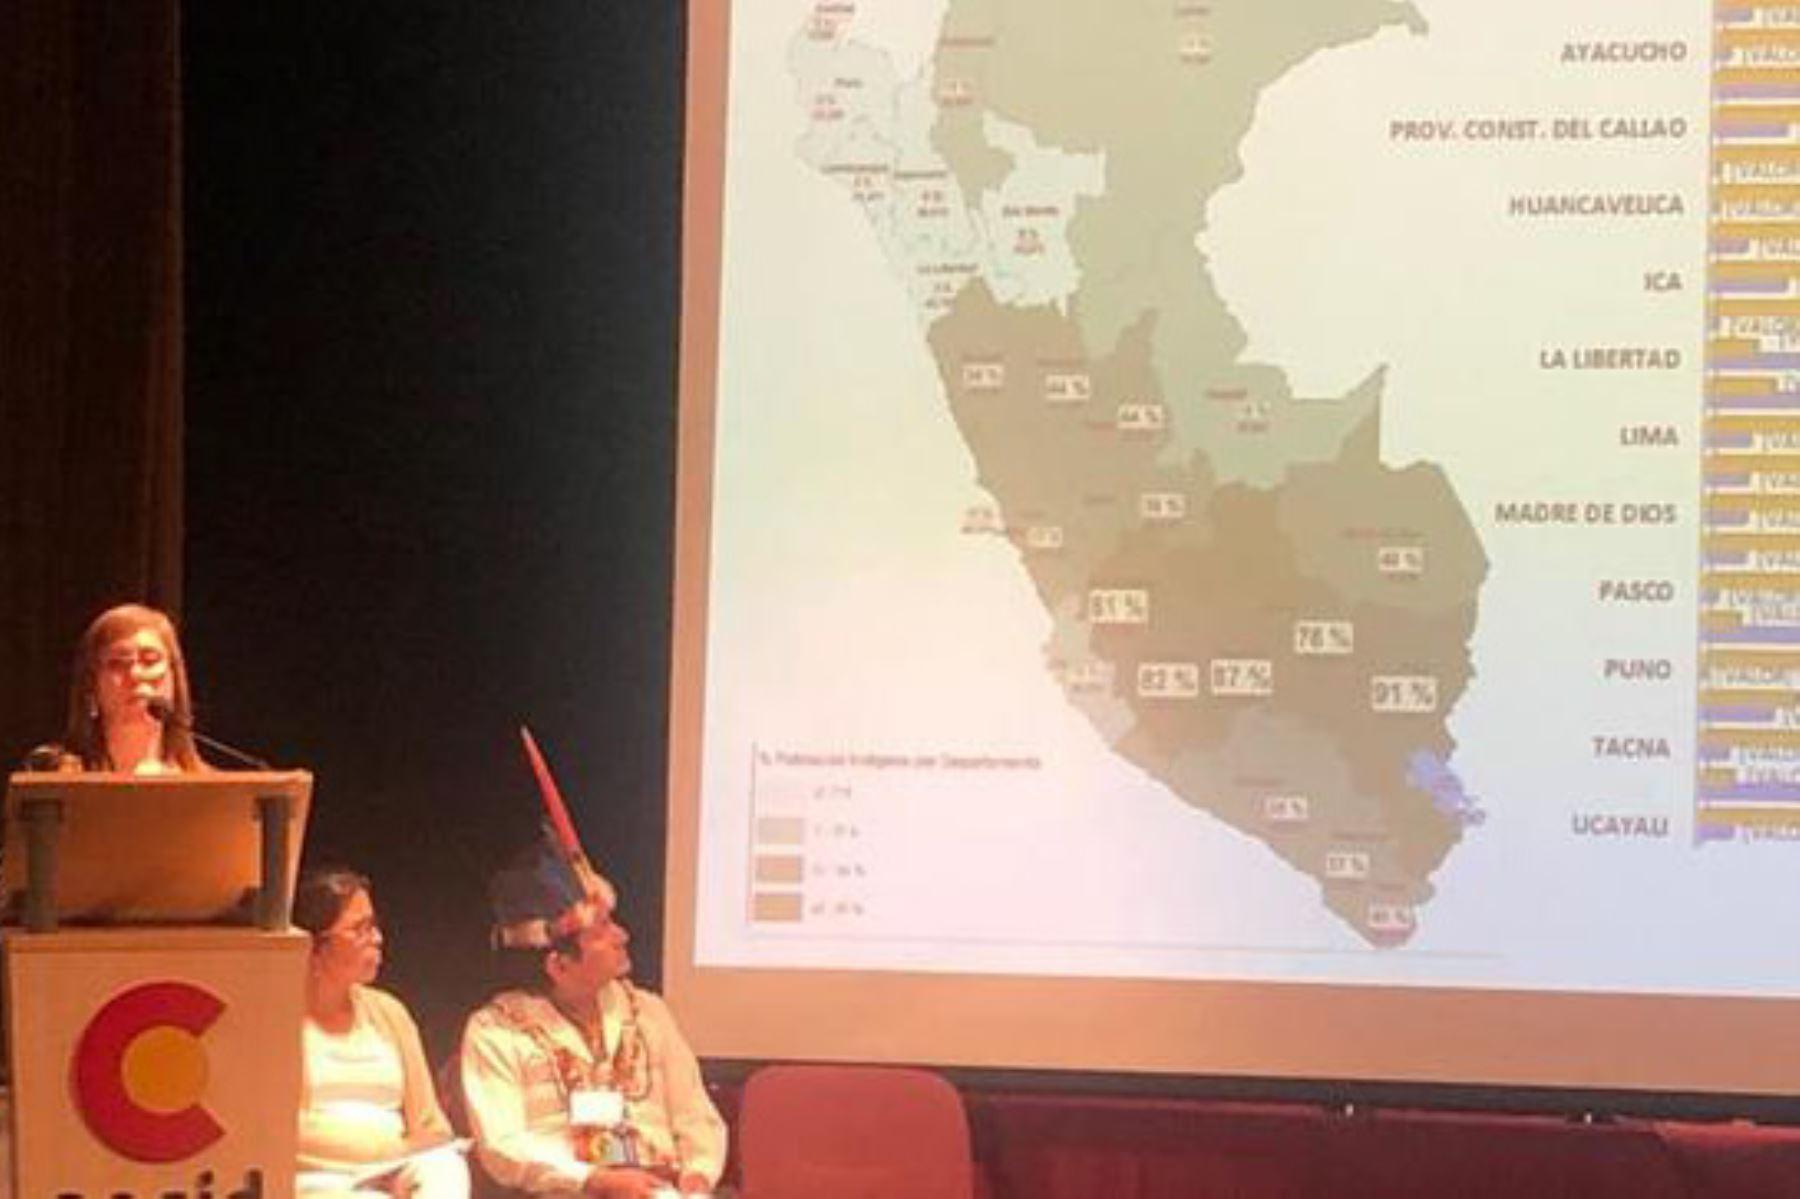 Elena Burga Cabrera, viceministra de Interculturalidad del Ministerio de Cultura, participa en reunión regional del consejo directivo del Fondo para el Desarrollo de los Pueblos Indígenas de América Latina y El Caribe (FILAC), en Bolivia.